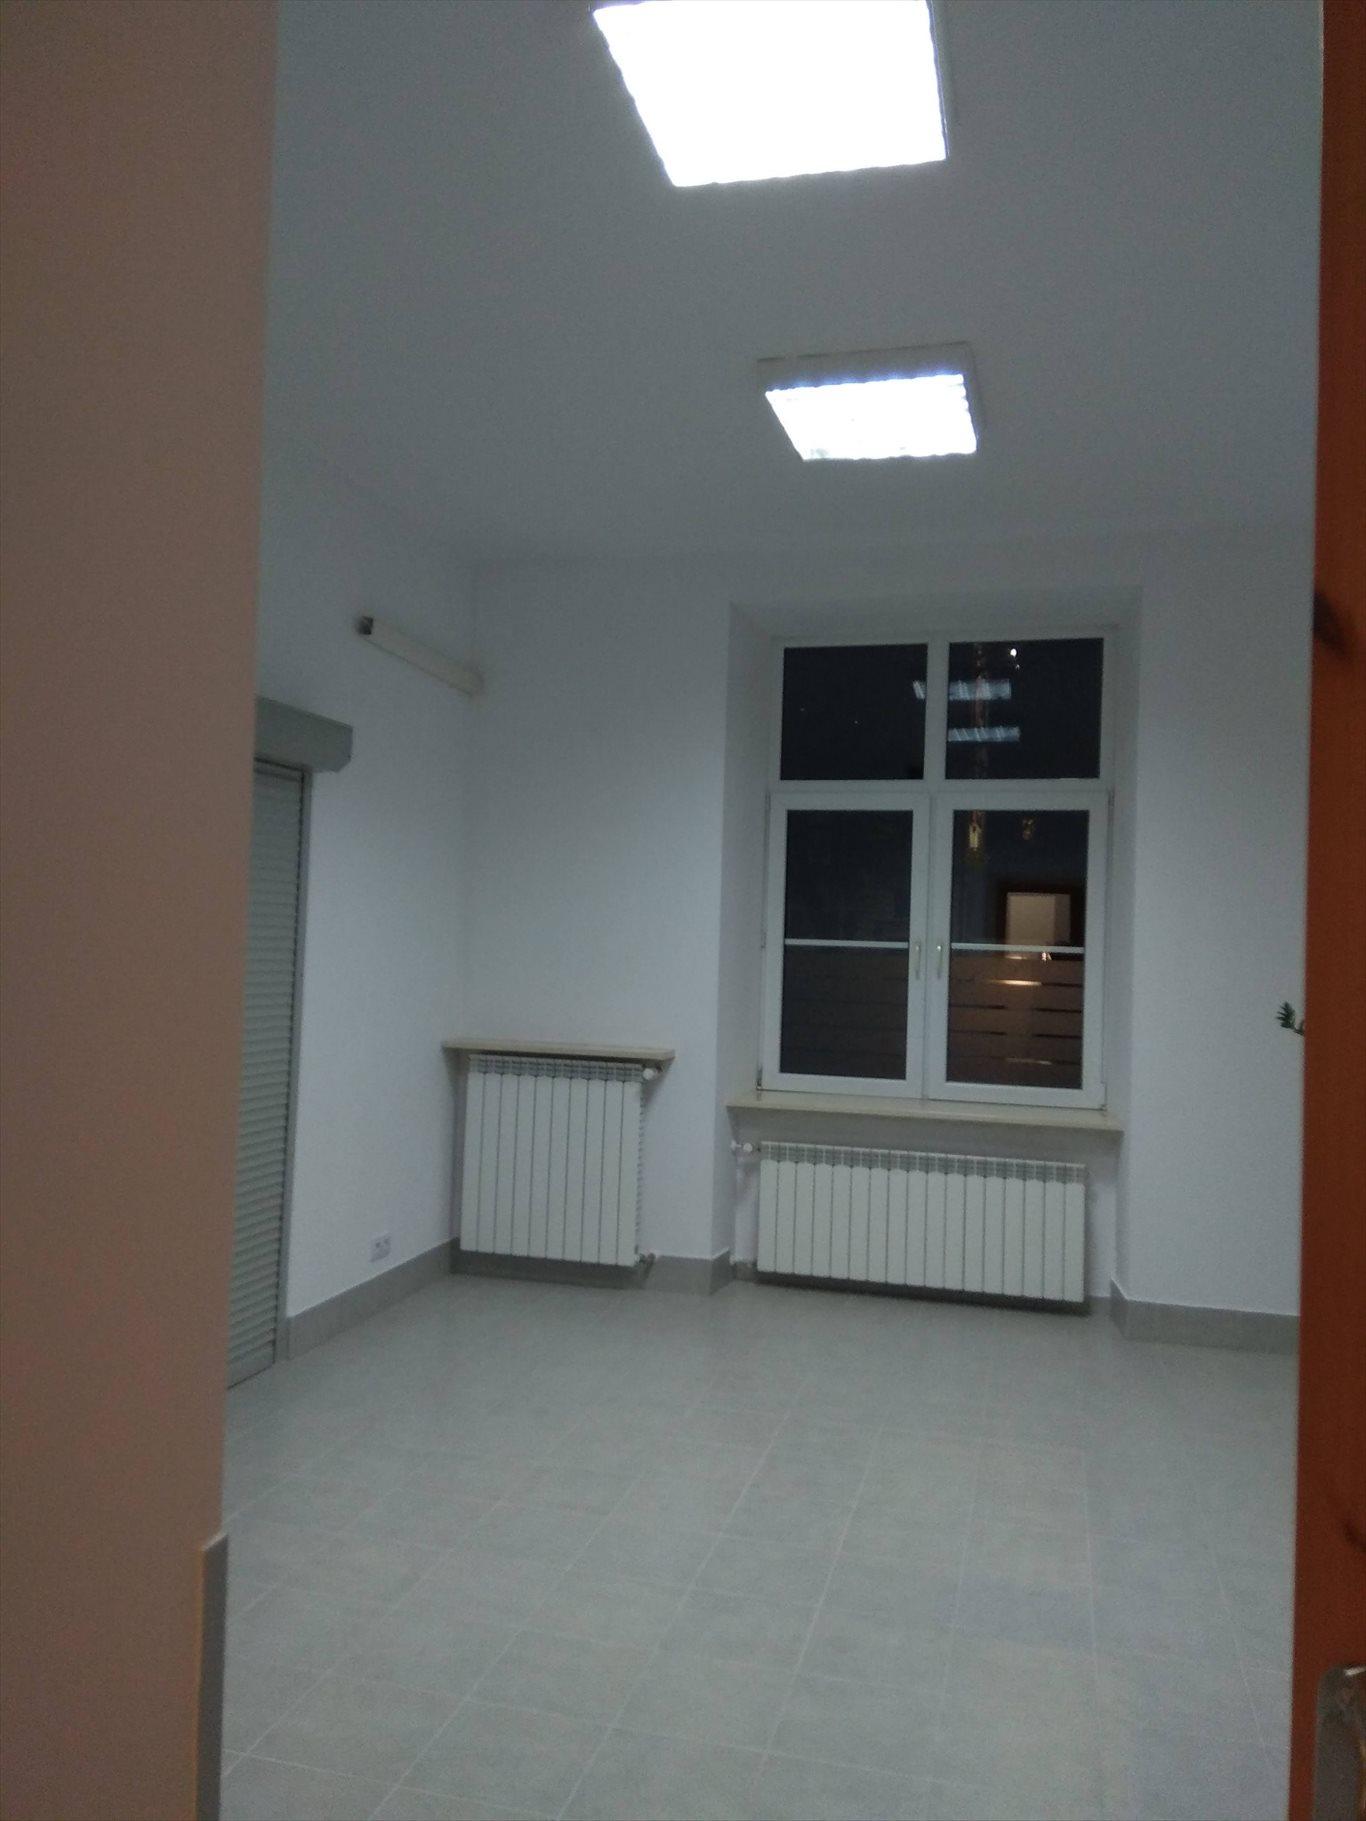 Lokal użytkowy na wynajem Kraków, Krowodrza, Pl. Inwalidów  78m2 Foto 3